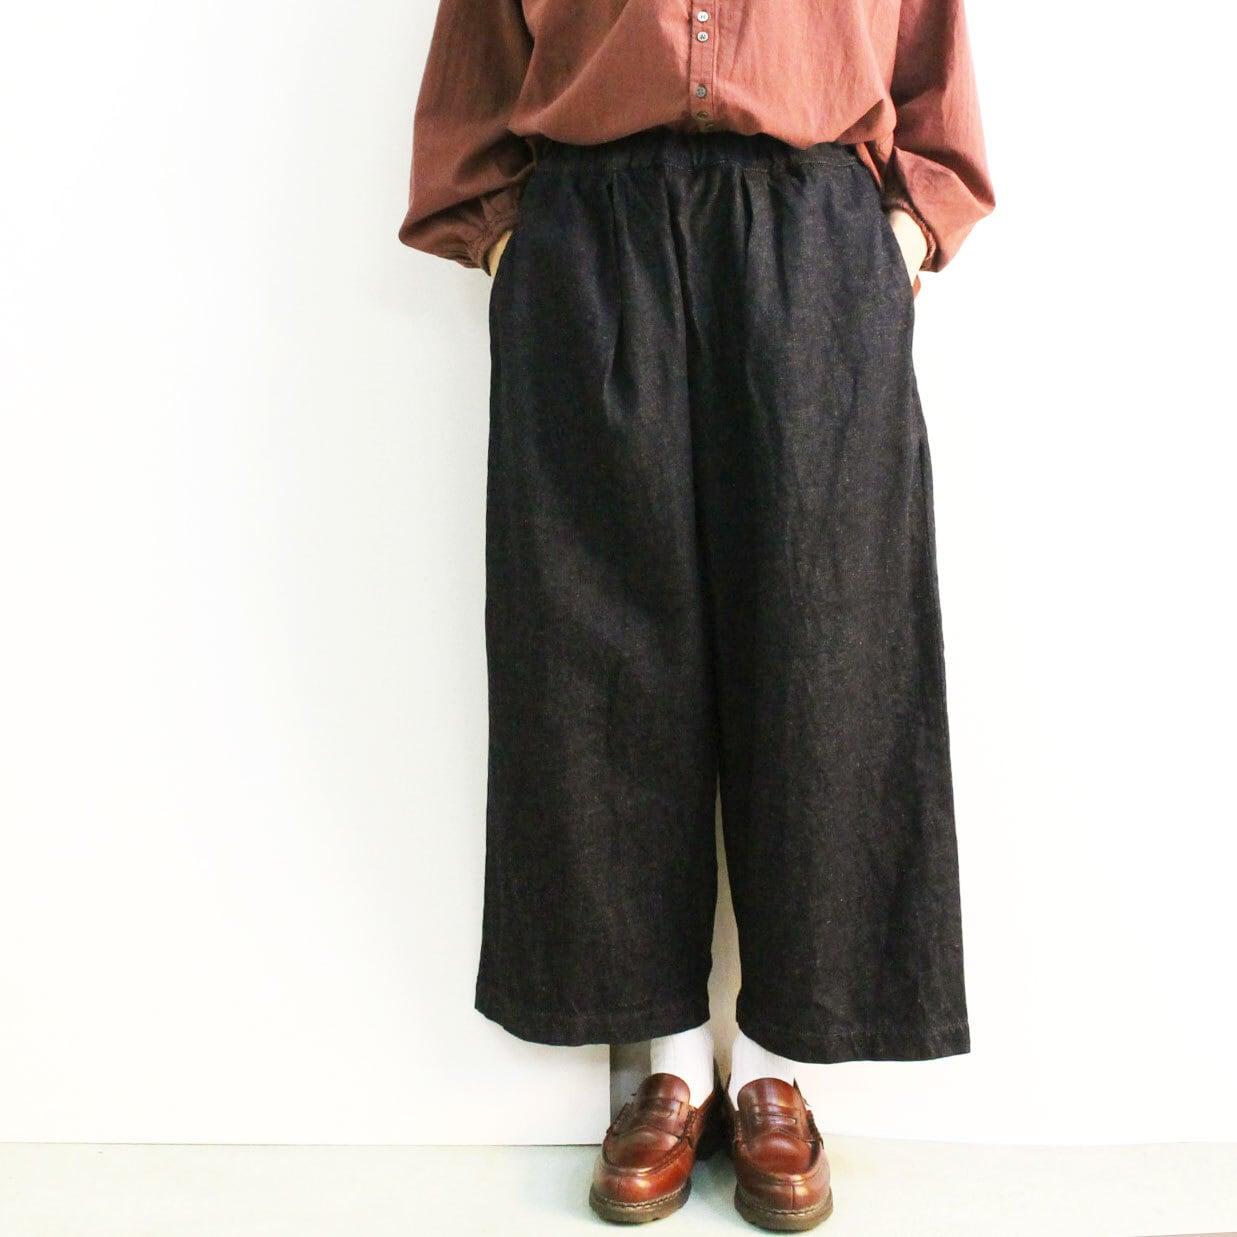 BROCANTE ブロカント グランクールパンツ 33-262D  綿麻デニム ワイド短め丈パンツ